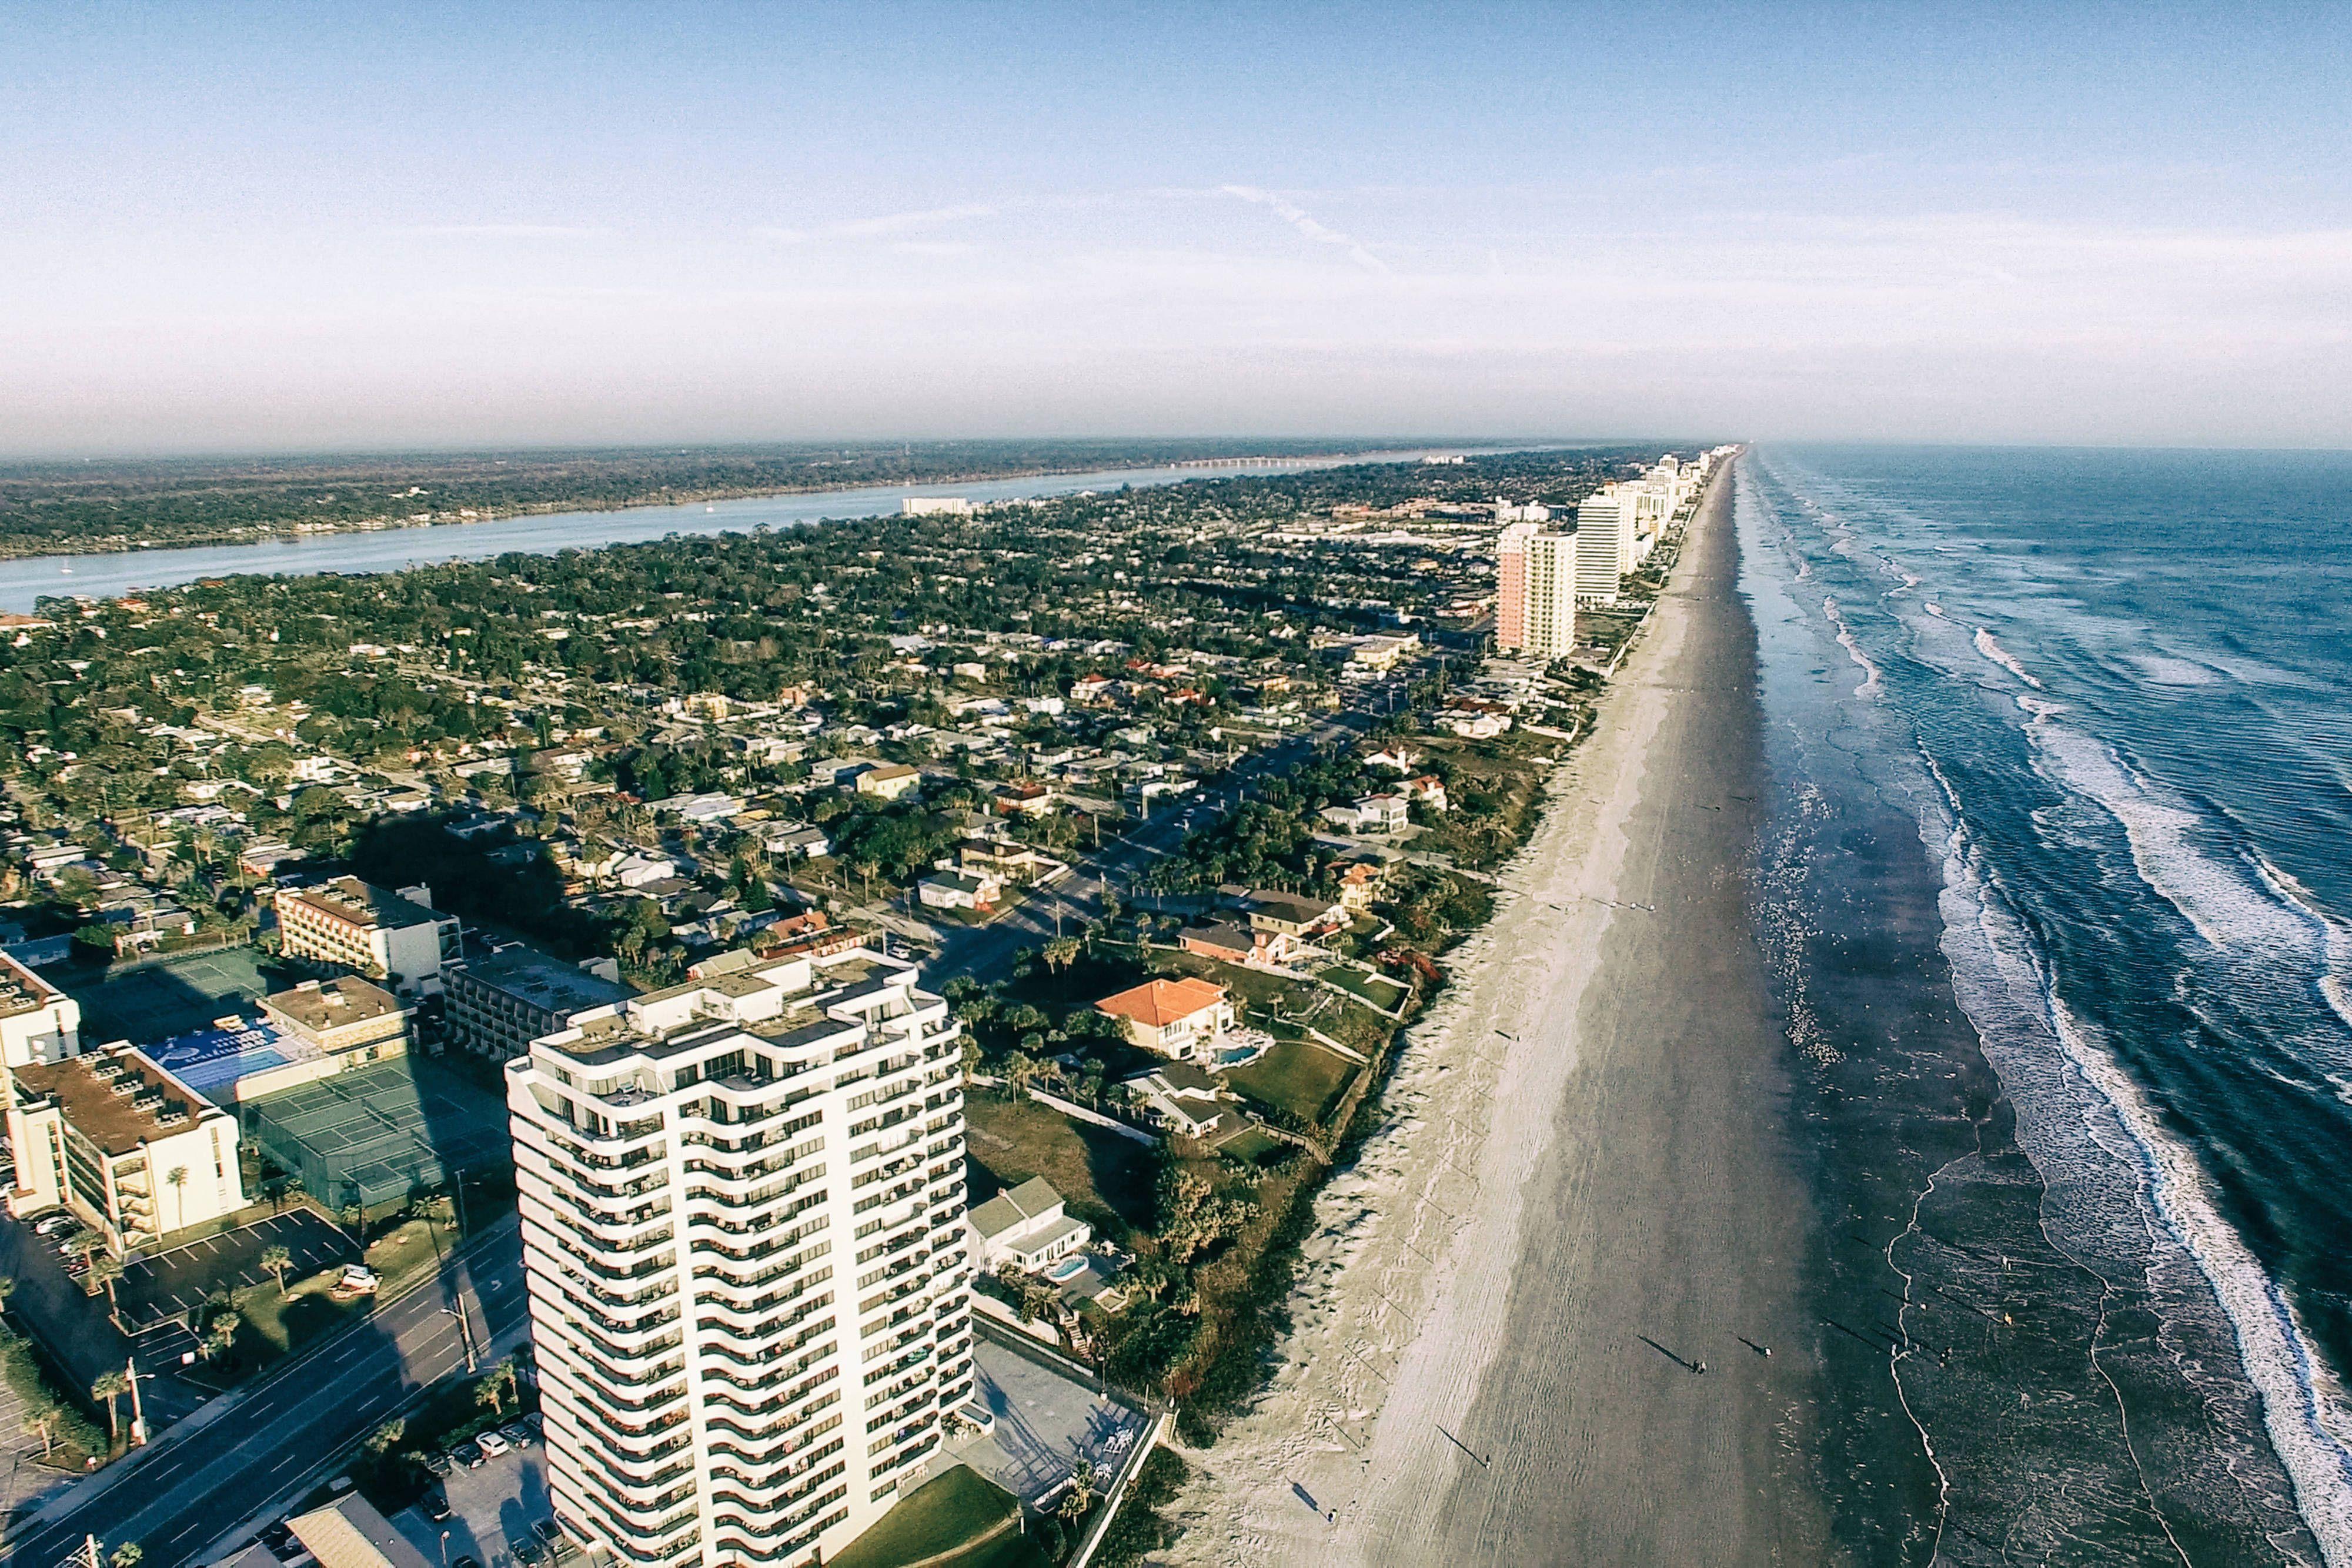 Delta Hotels Daytona Beach Oceanfront Daytona Beach Shoreline